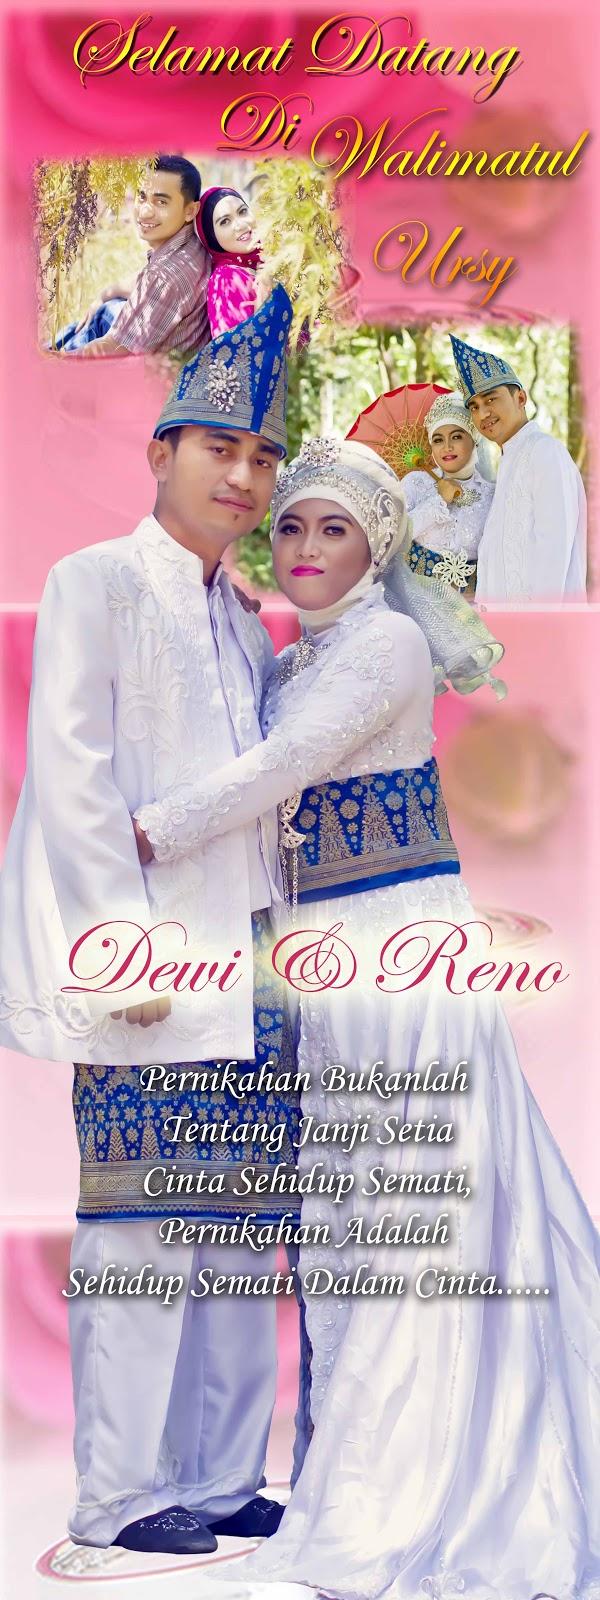 Design x banner pernikahan - Harga Ukuran X Banner Ukuran 160 X 60 Cm Desain Rp 230 000 Lembar